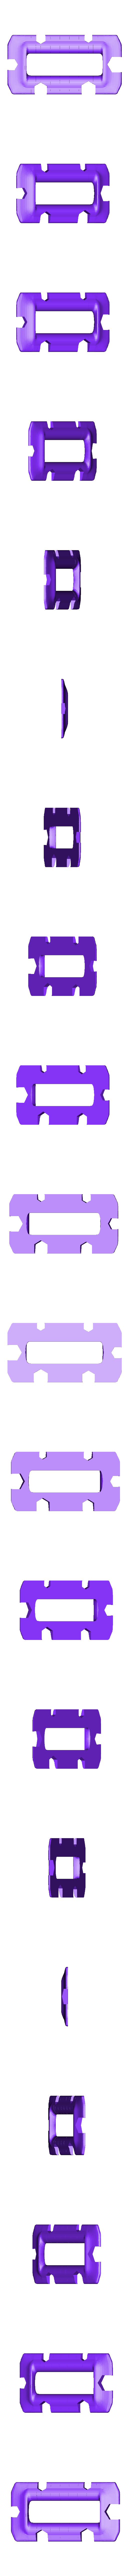 imperial_wrench.stl Télécharger fichier STL gratuit Clé paramétrique multidirectionnelle • Objet imprimable en 3D, aevafortinhi